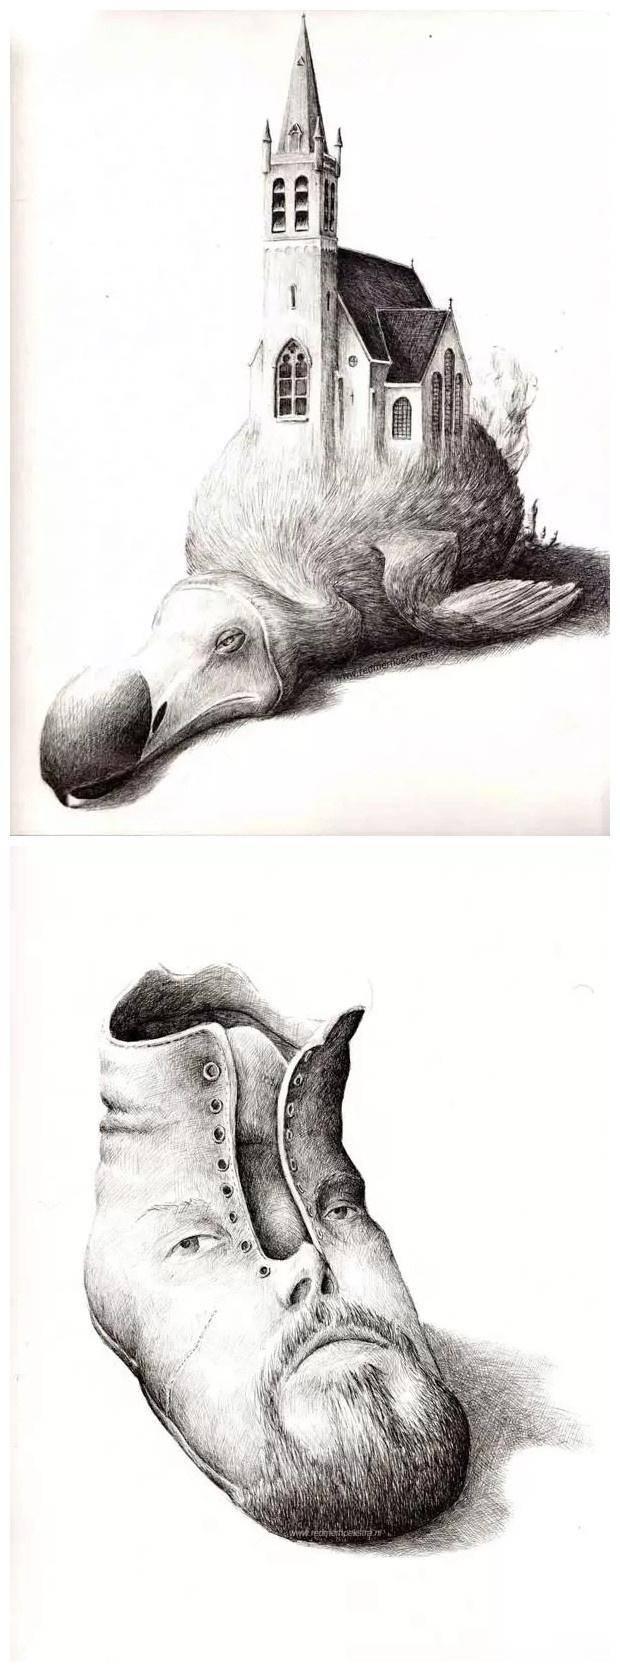 创意素描之——鸟背上的建筑物与人脸鞋子图片